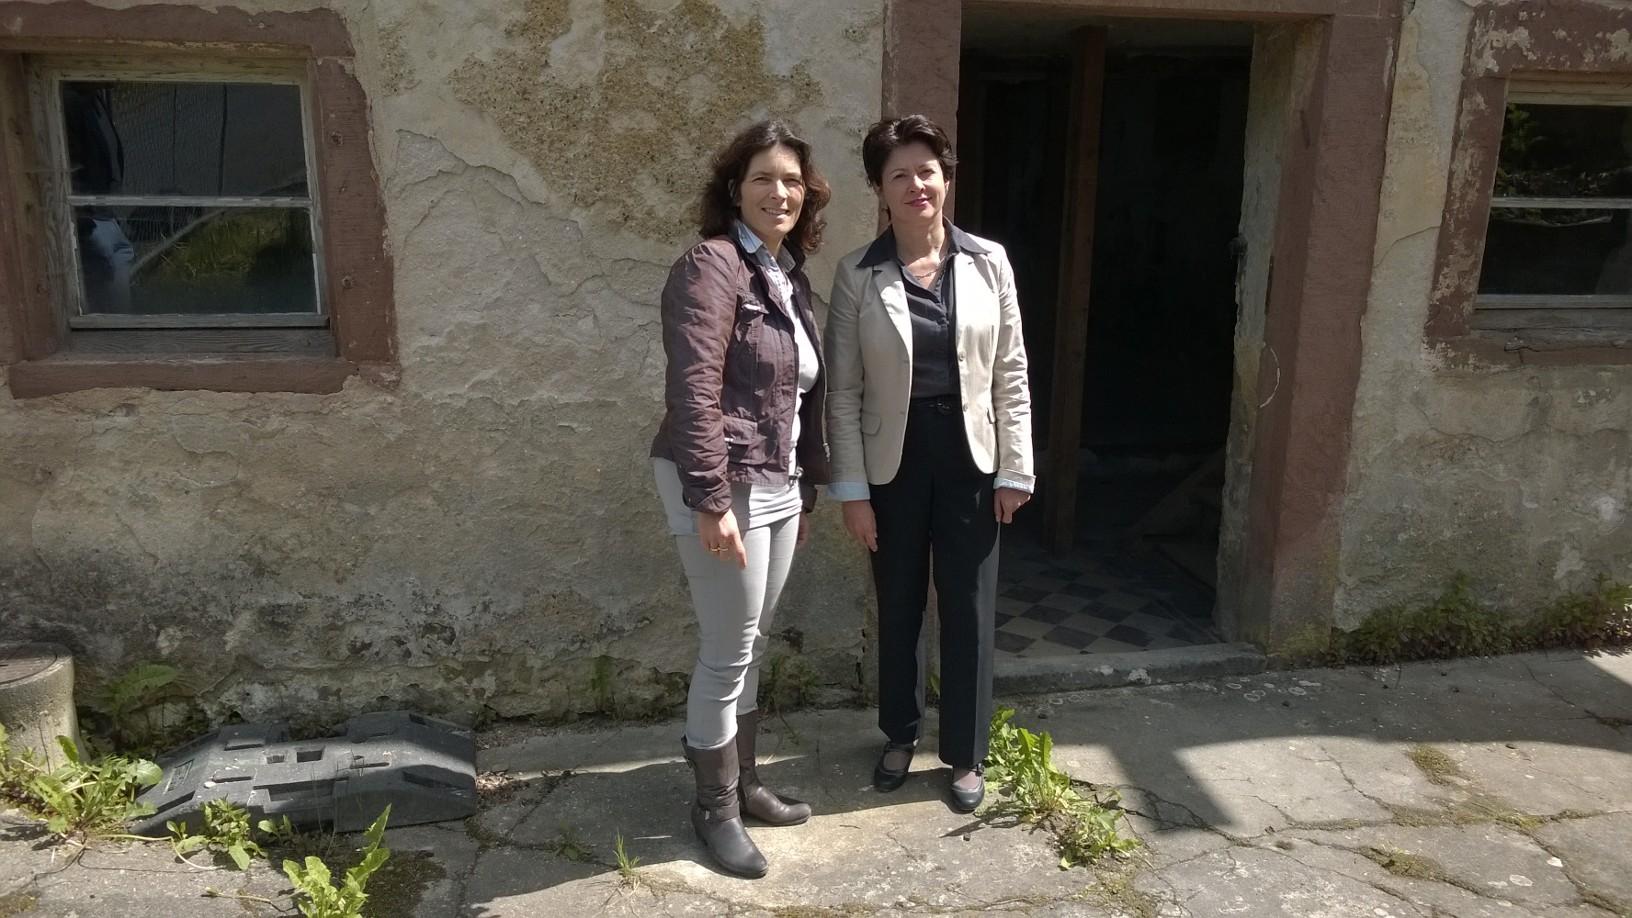 Kerstin Celina, MdL und Barbara Lochbihler, MdEP vor der ehemaligen Synagoge